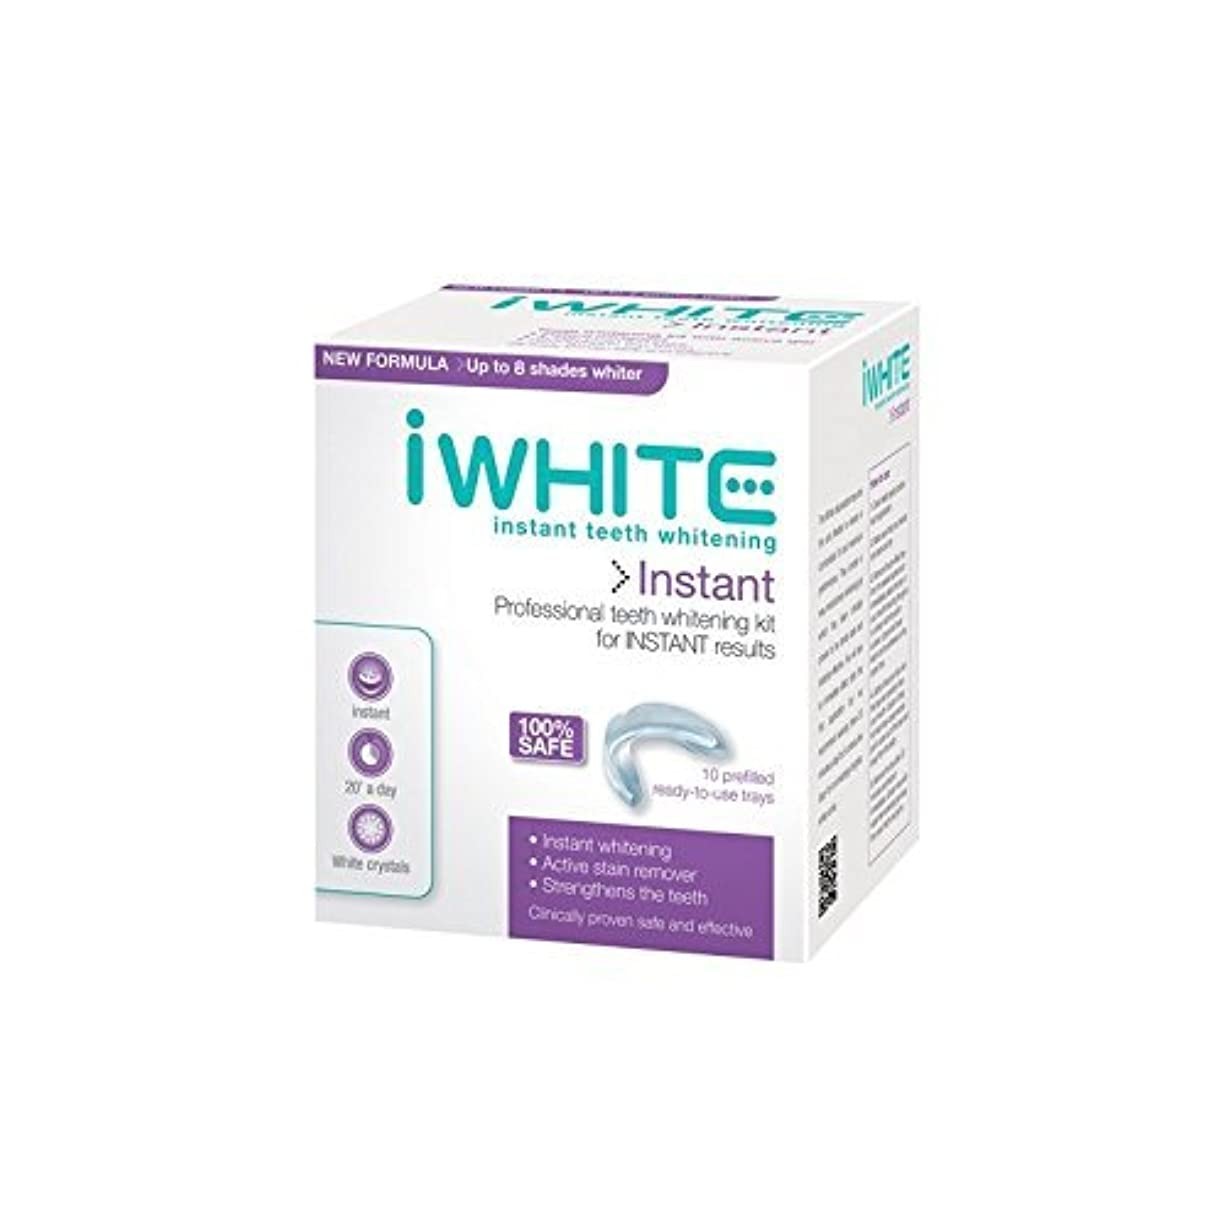 くるくる識別する取り除くiWhite Instant Professional Teeth Whitening Kit (10 Trays) - キットを白くするインスタントプロの歯(10個のトレー) [並行輸入品]